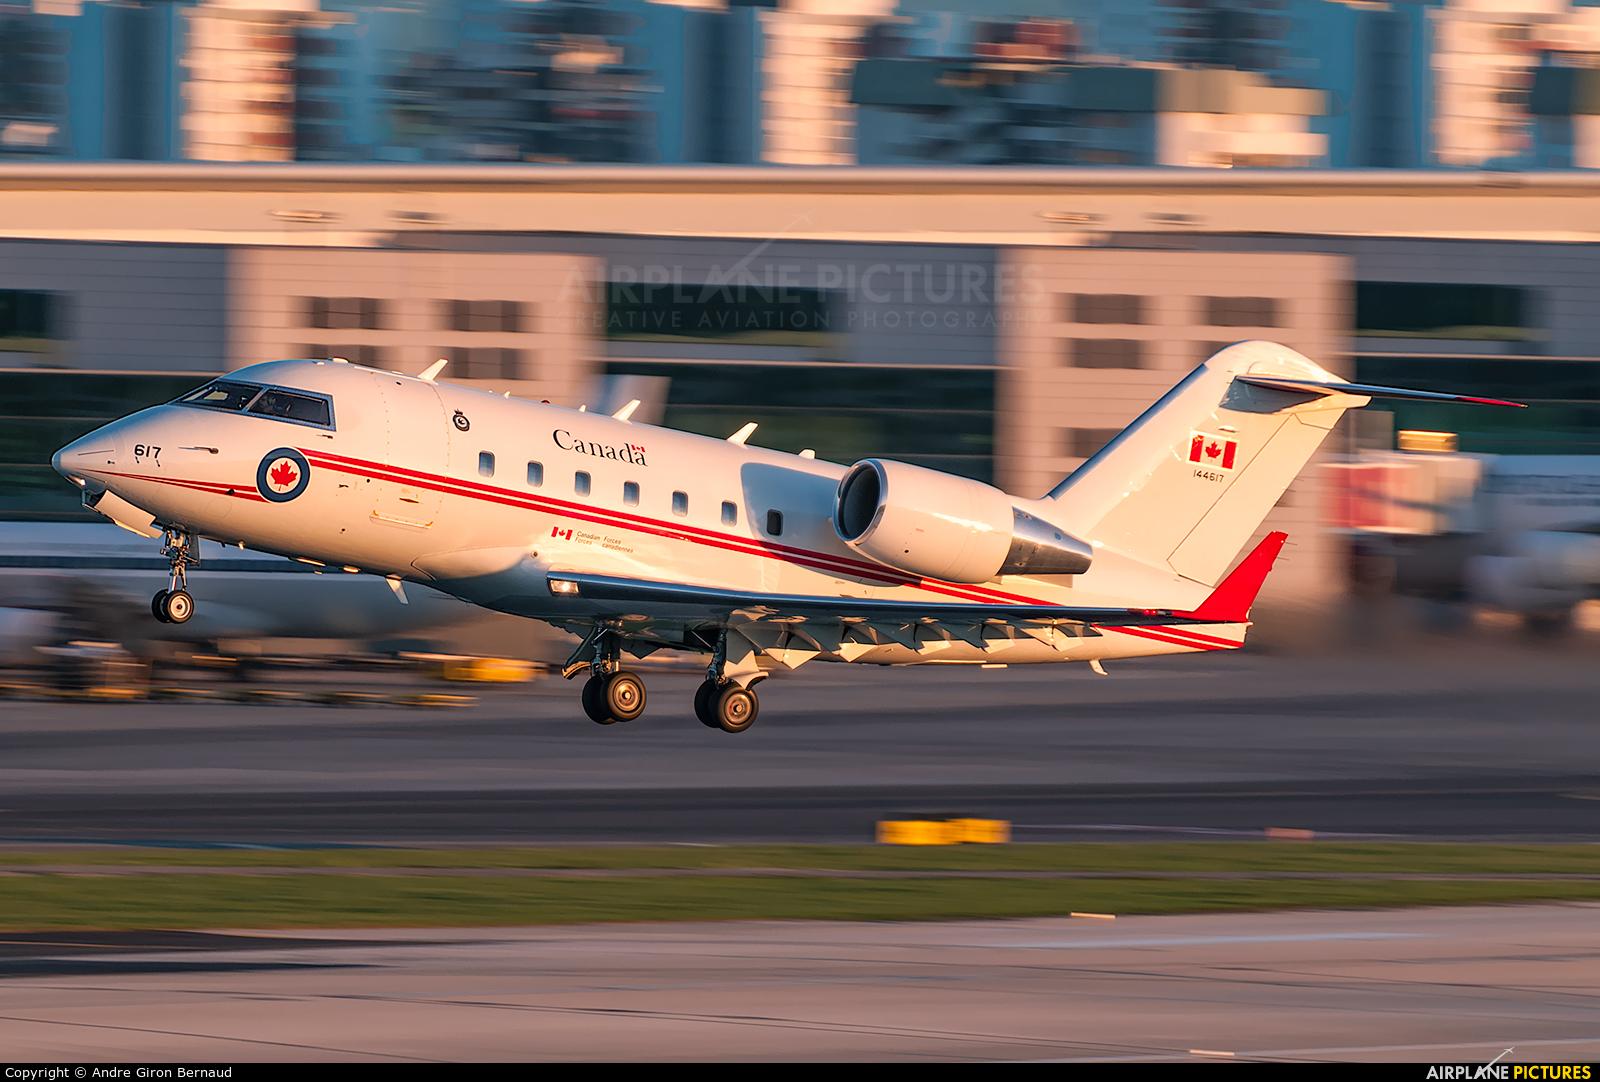 Canada - Air Force 144617 aircraft at Lisbon